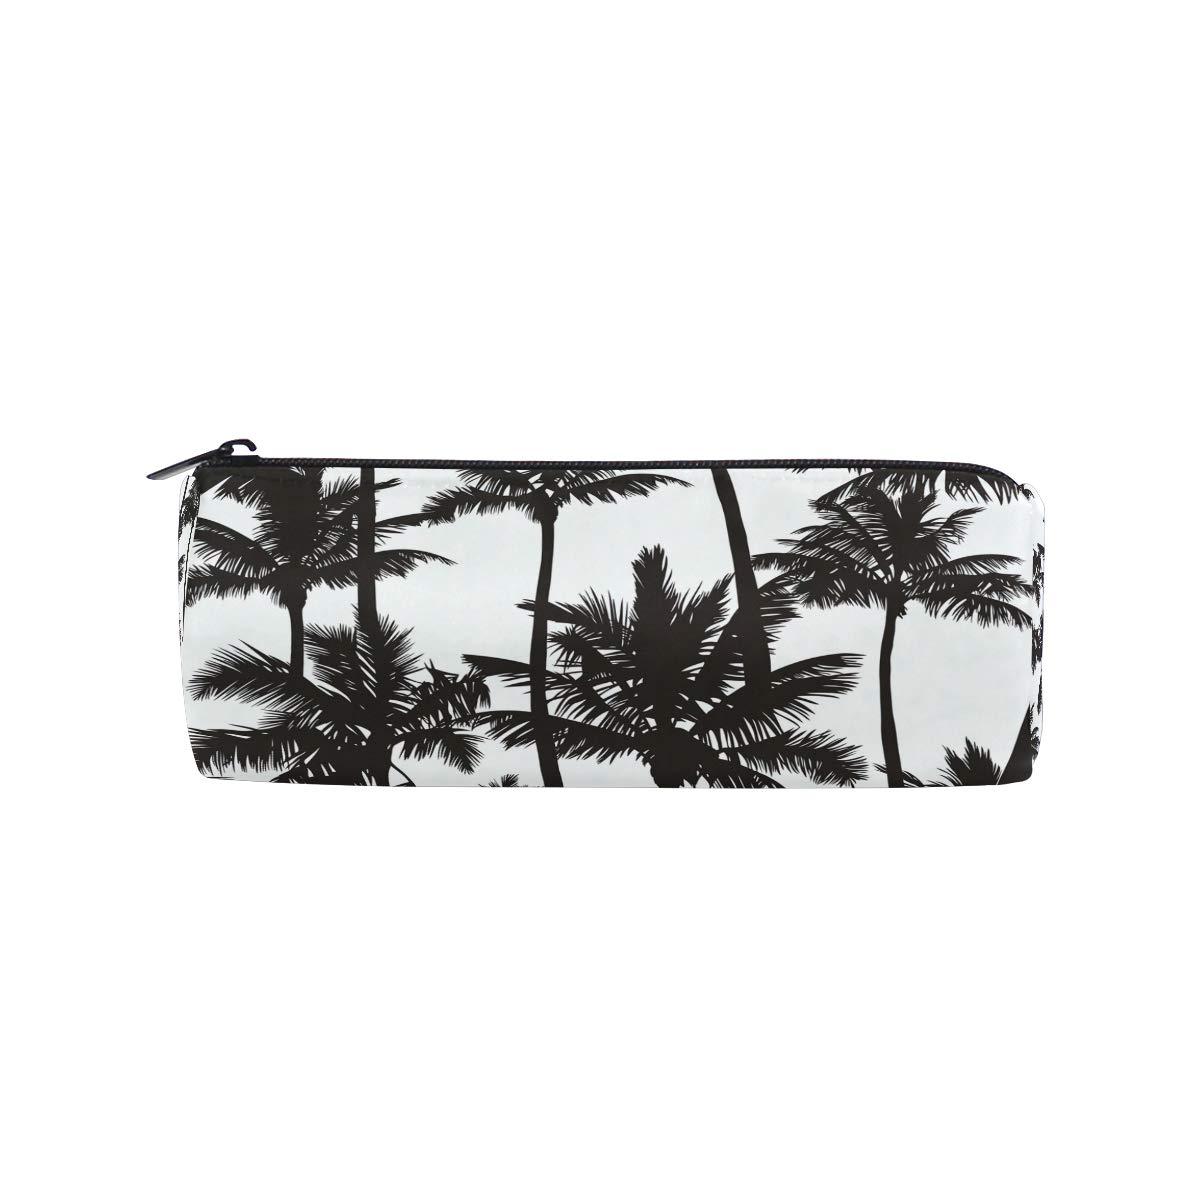 Bonie - Estuche para lápices con diseño de palmeras en blanco y negro: Amazon.es: Oficina y papelería